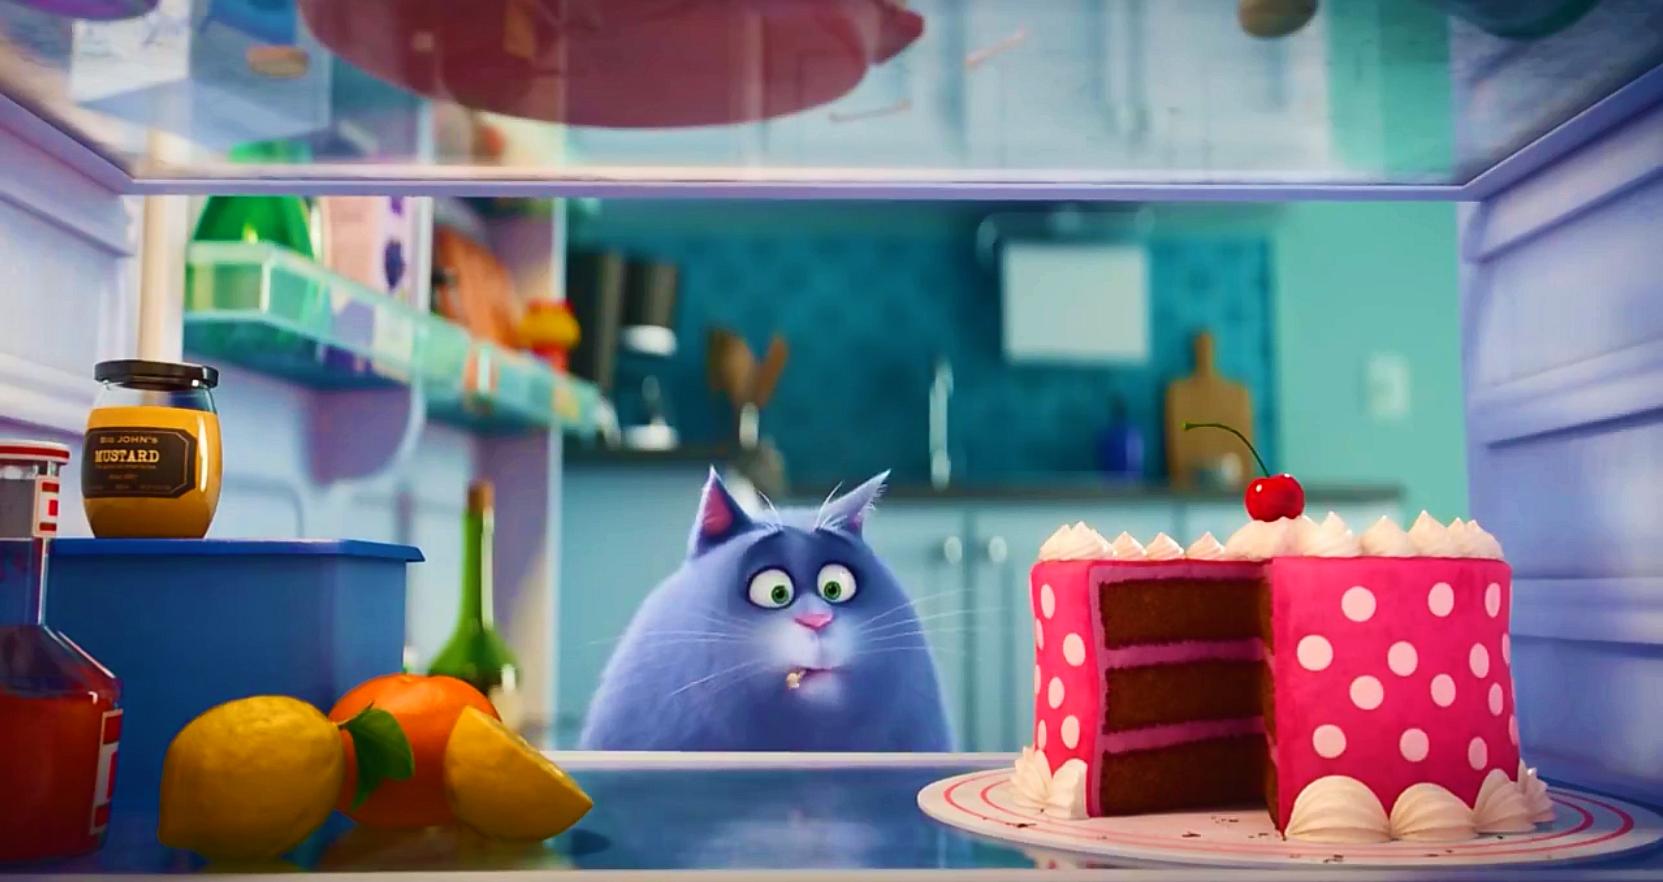 Картинка кошки из мультфильма тайная жизнь домашних животных